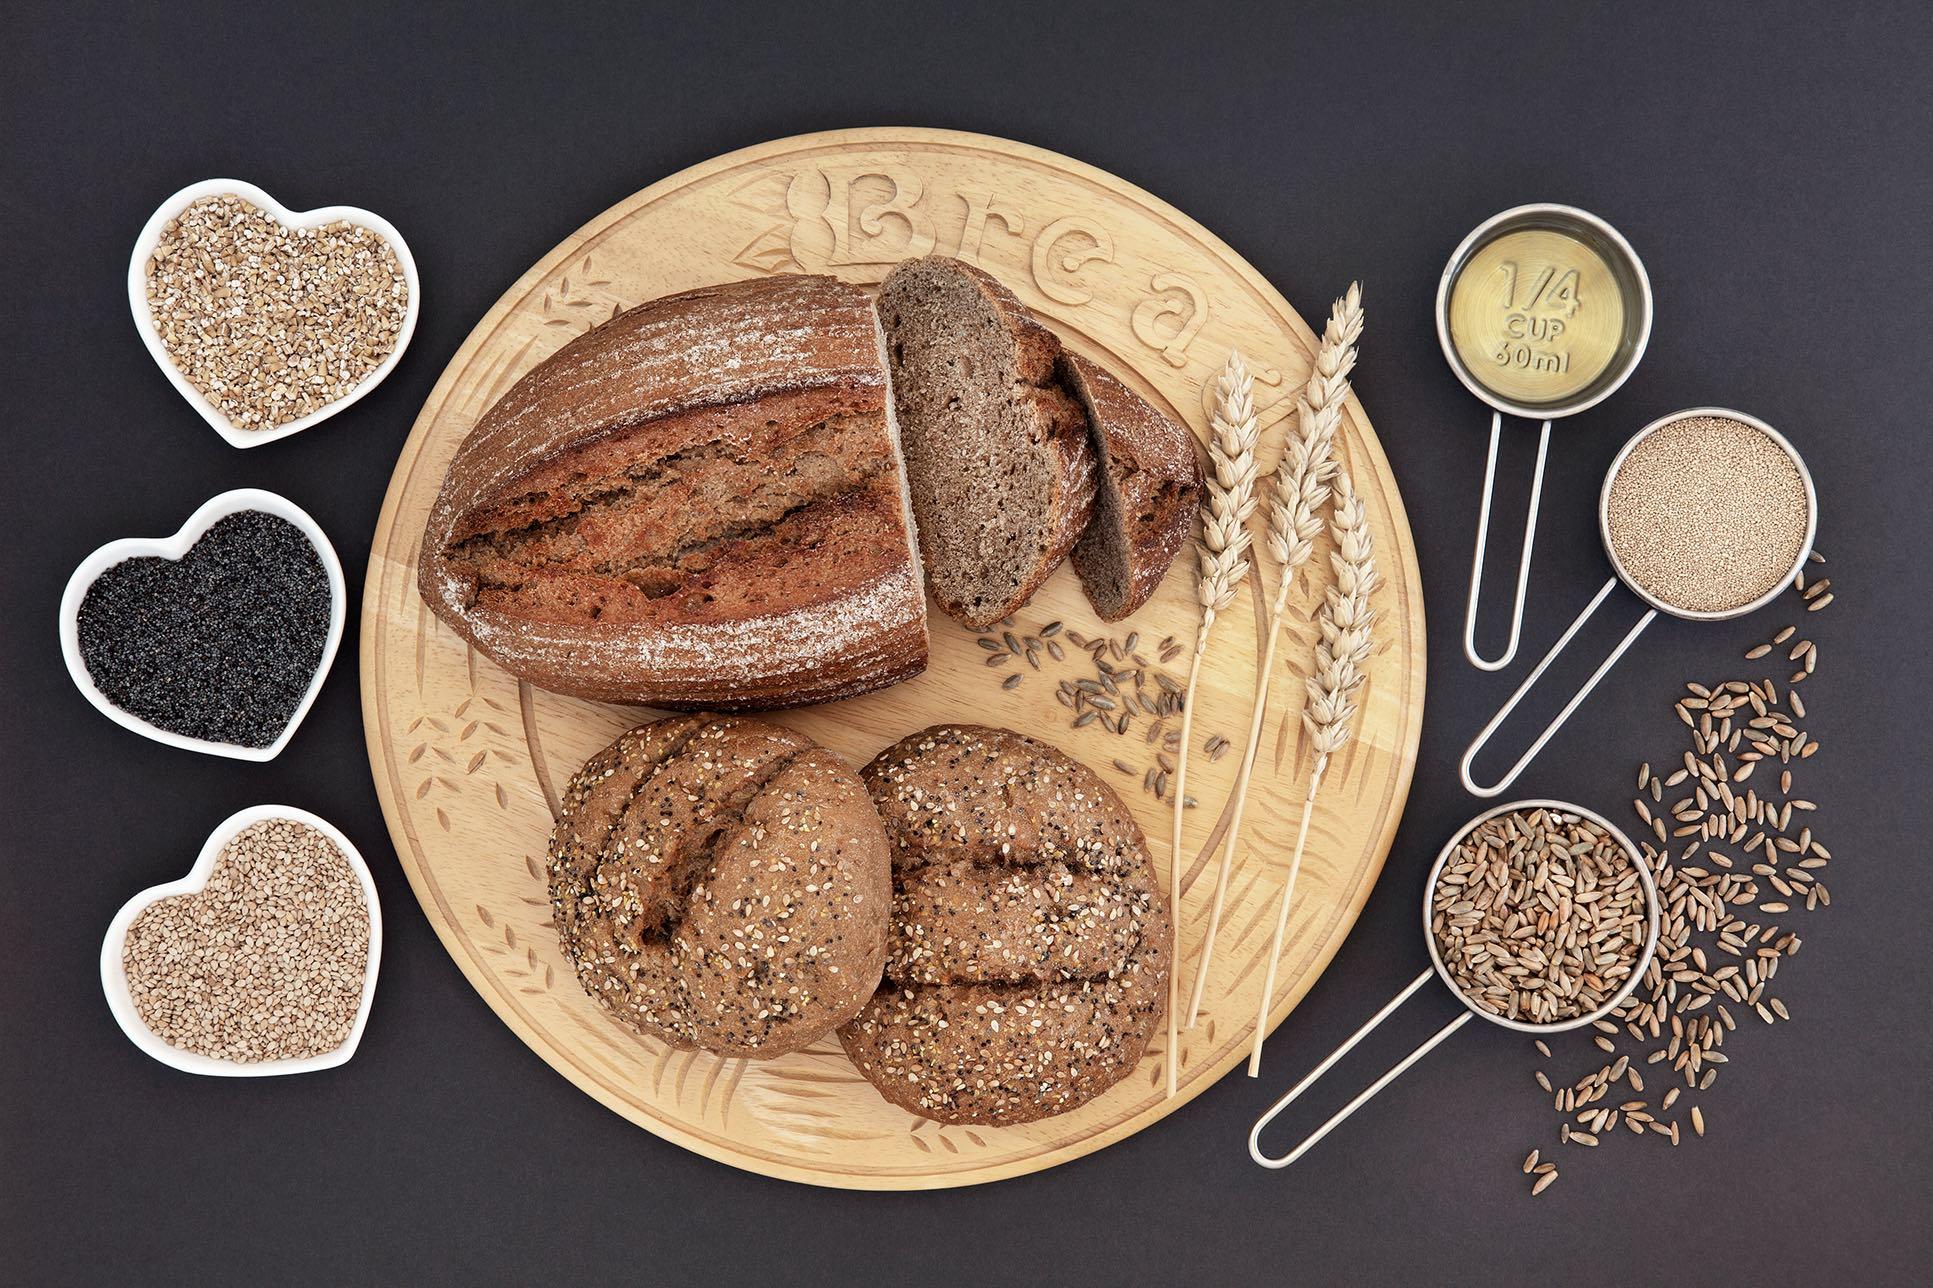 Aufgeschnittenes Brot auf einem Holzteller mit Getreidesorten in kleinen Schälchen.